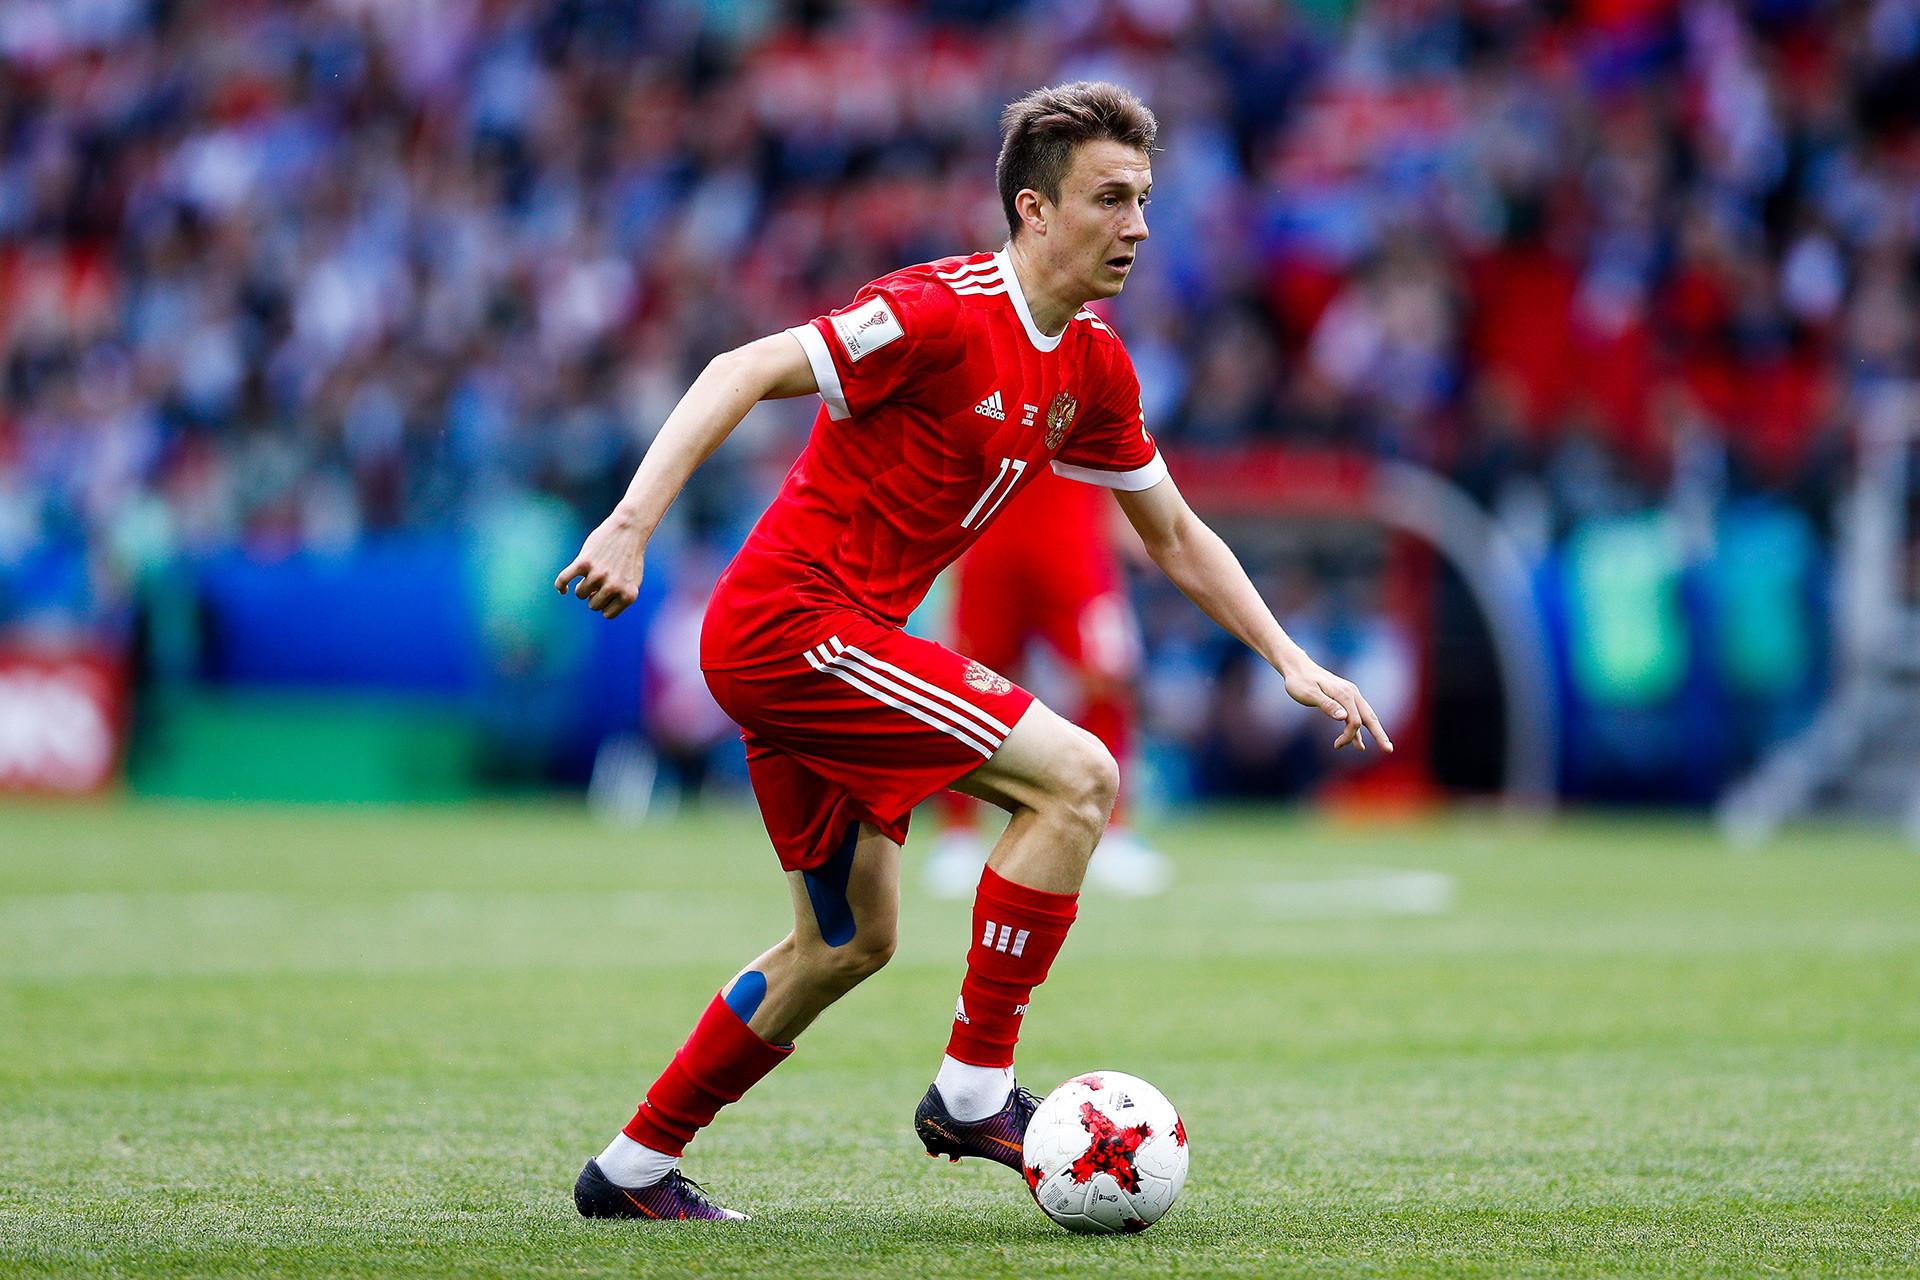 Golovín foi descoberto por olheiro do CSKA na Sibéria e agora está na mira de representantes de clubes europeus.